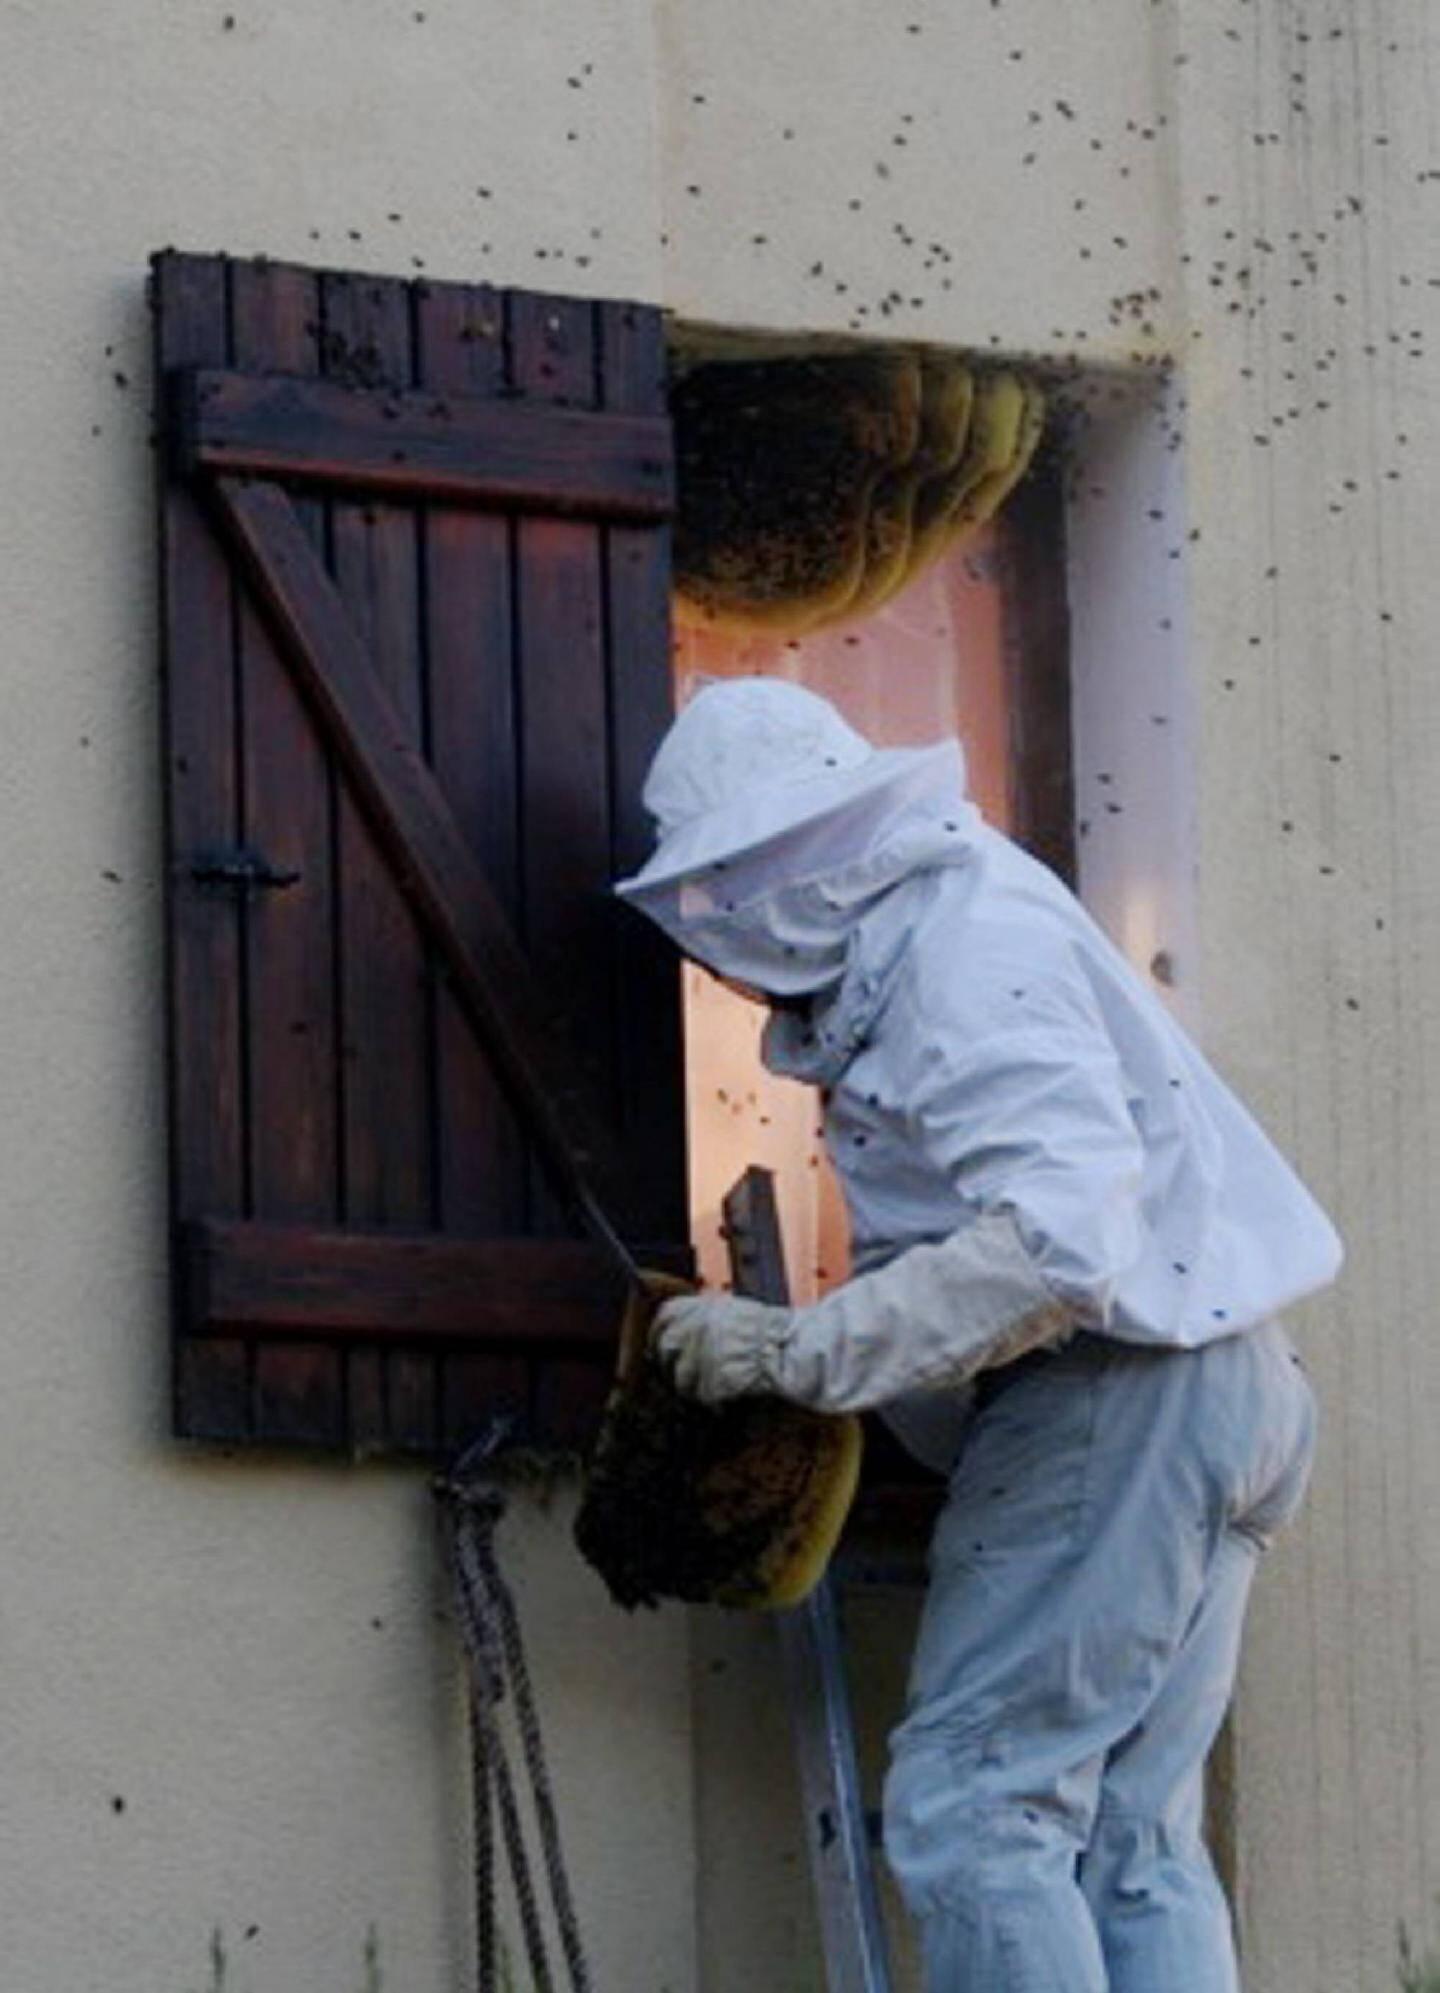 Ci-dessus : l'apiculteur a découpé un à un les «rayons» d'essaim avant de les mettre dans un récipient.